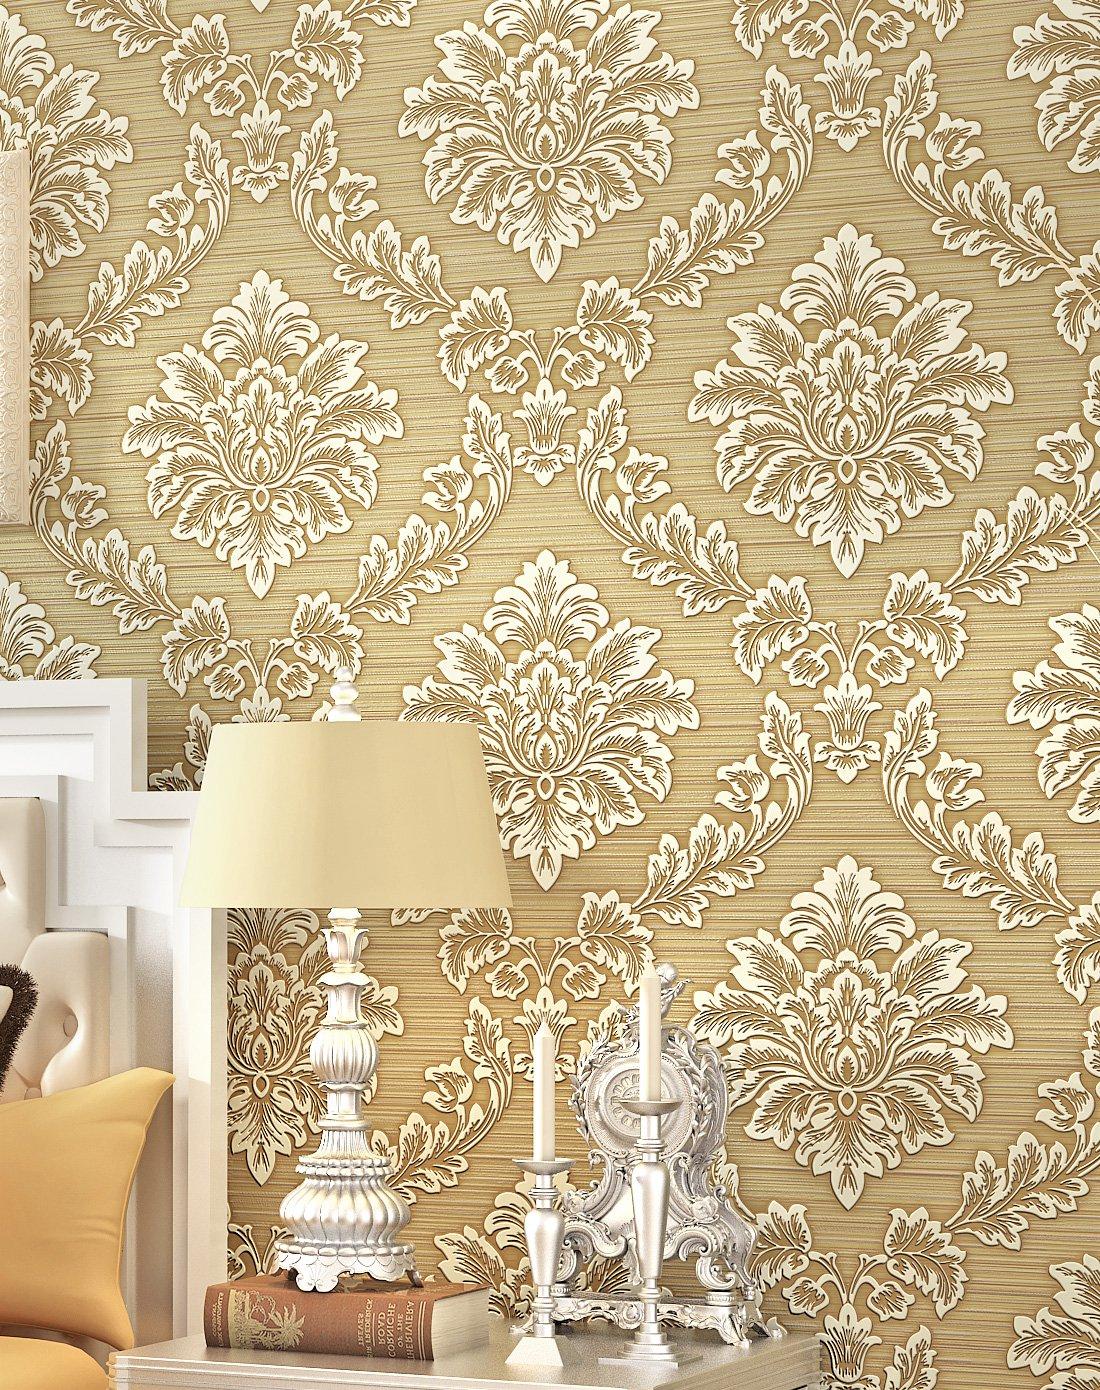 米黄色3d立体植绒客厅卧室欧式无纺布墙纸